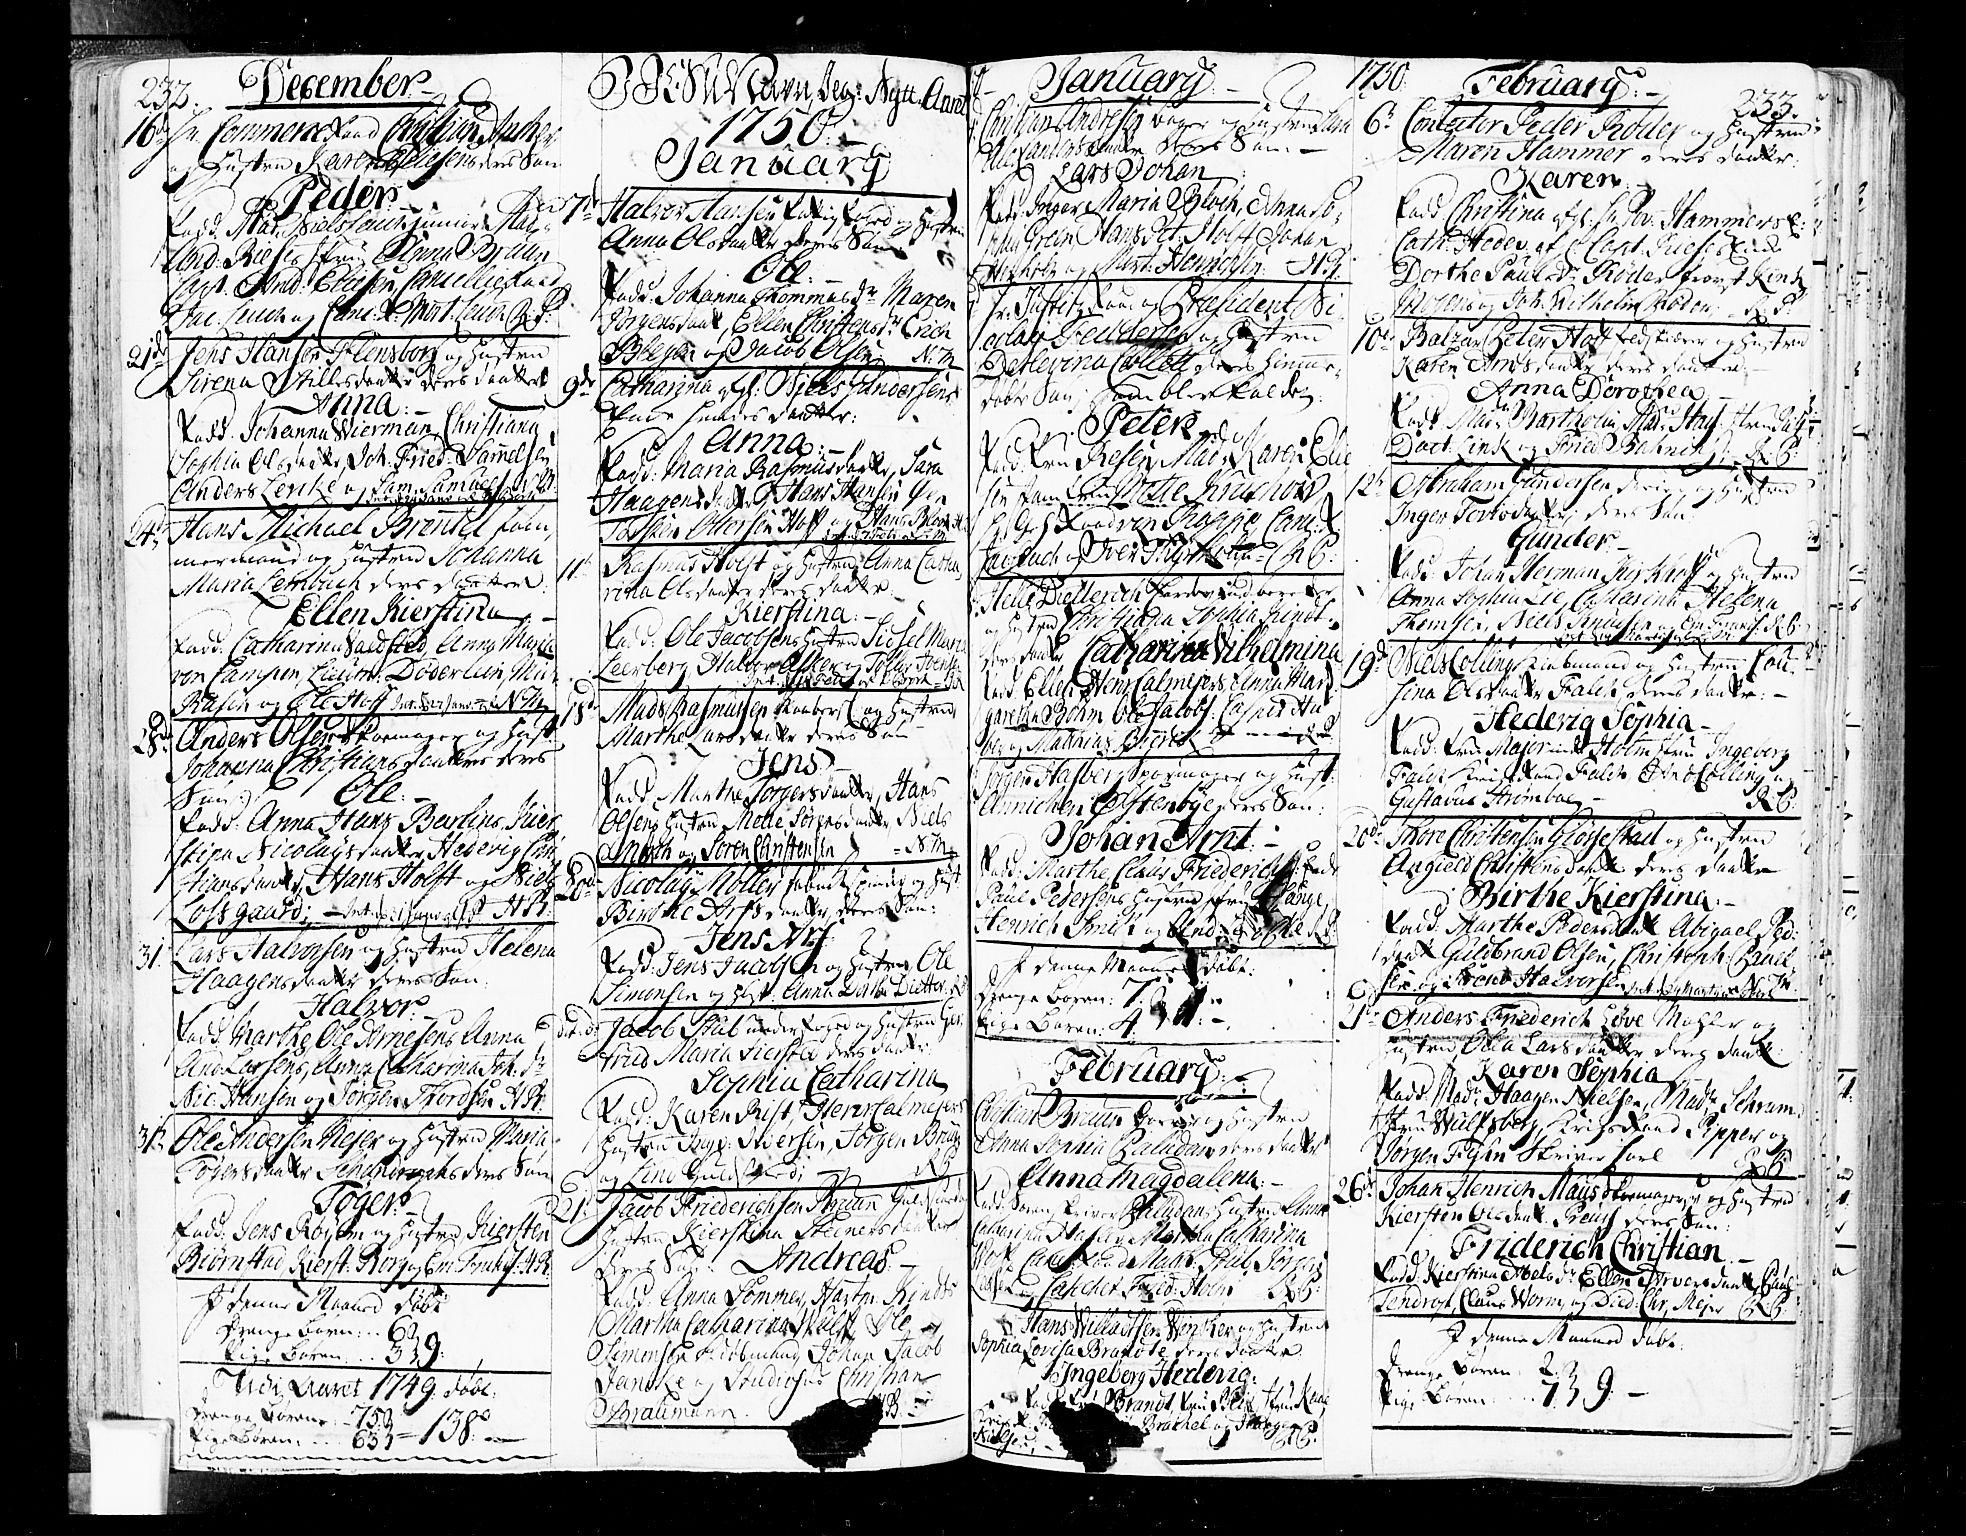 SAO, Oslo domkirke Kirkebøker, F/Fa/L0004: Ministerialbok nr. 4, 1743-1786, s. 232-233